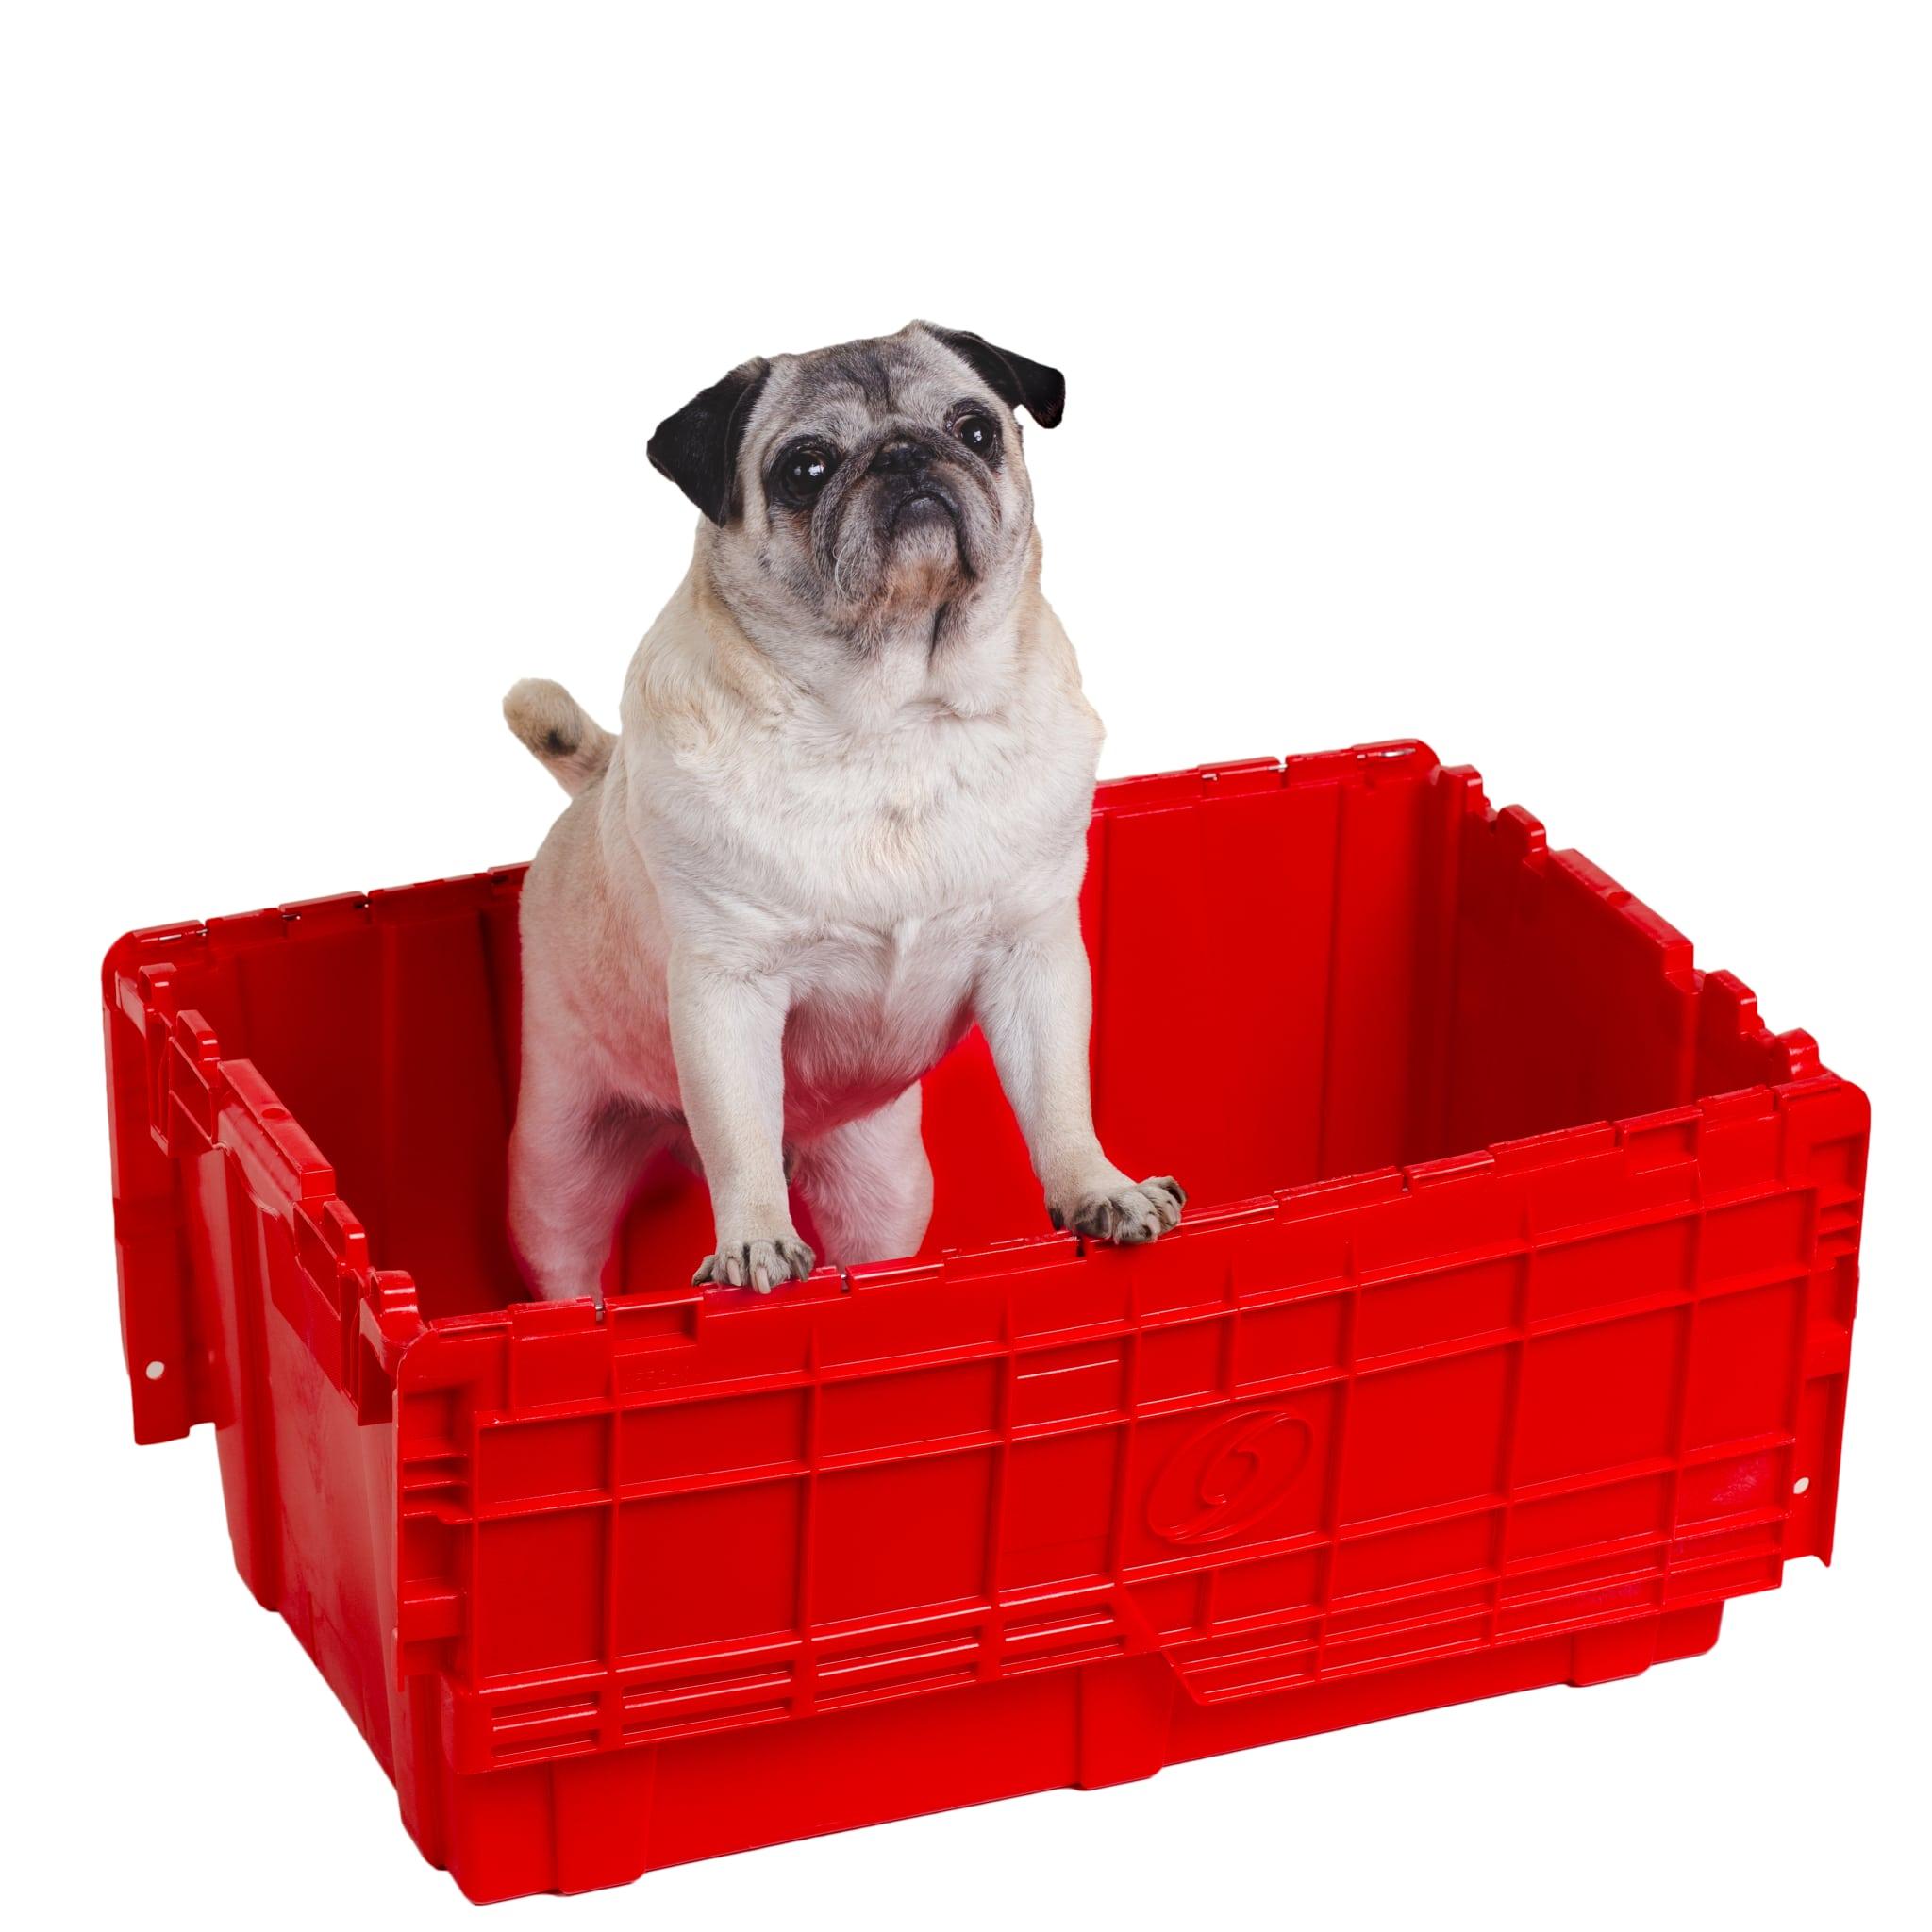 Oscar The Pug